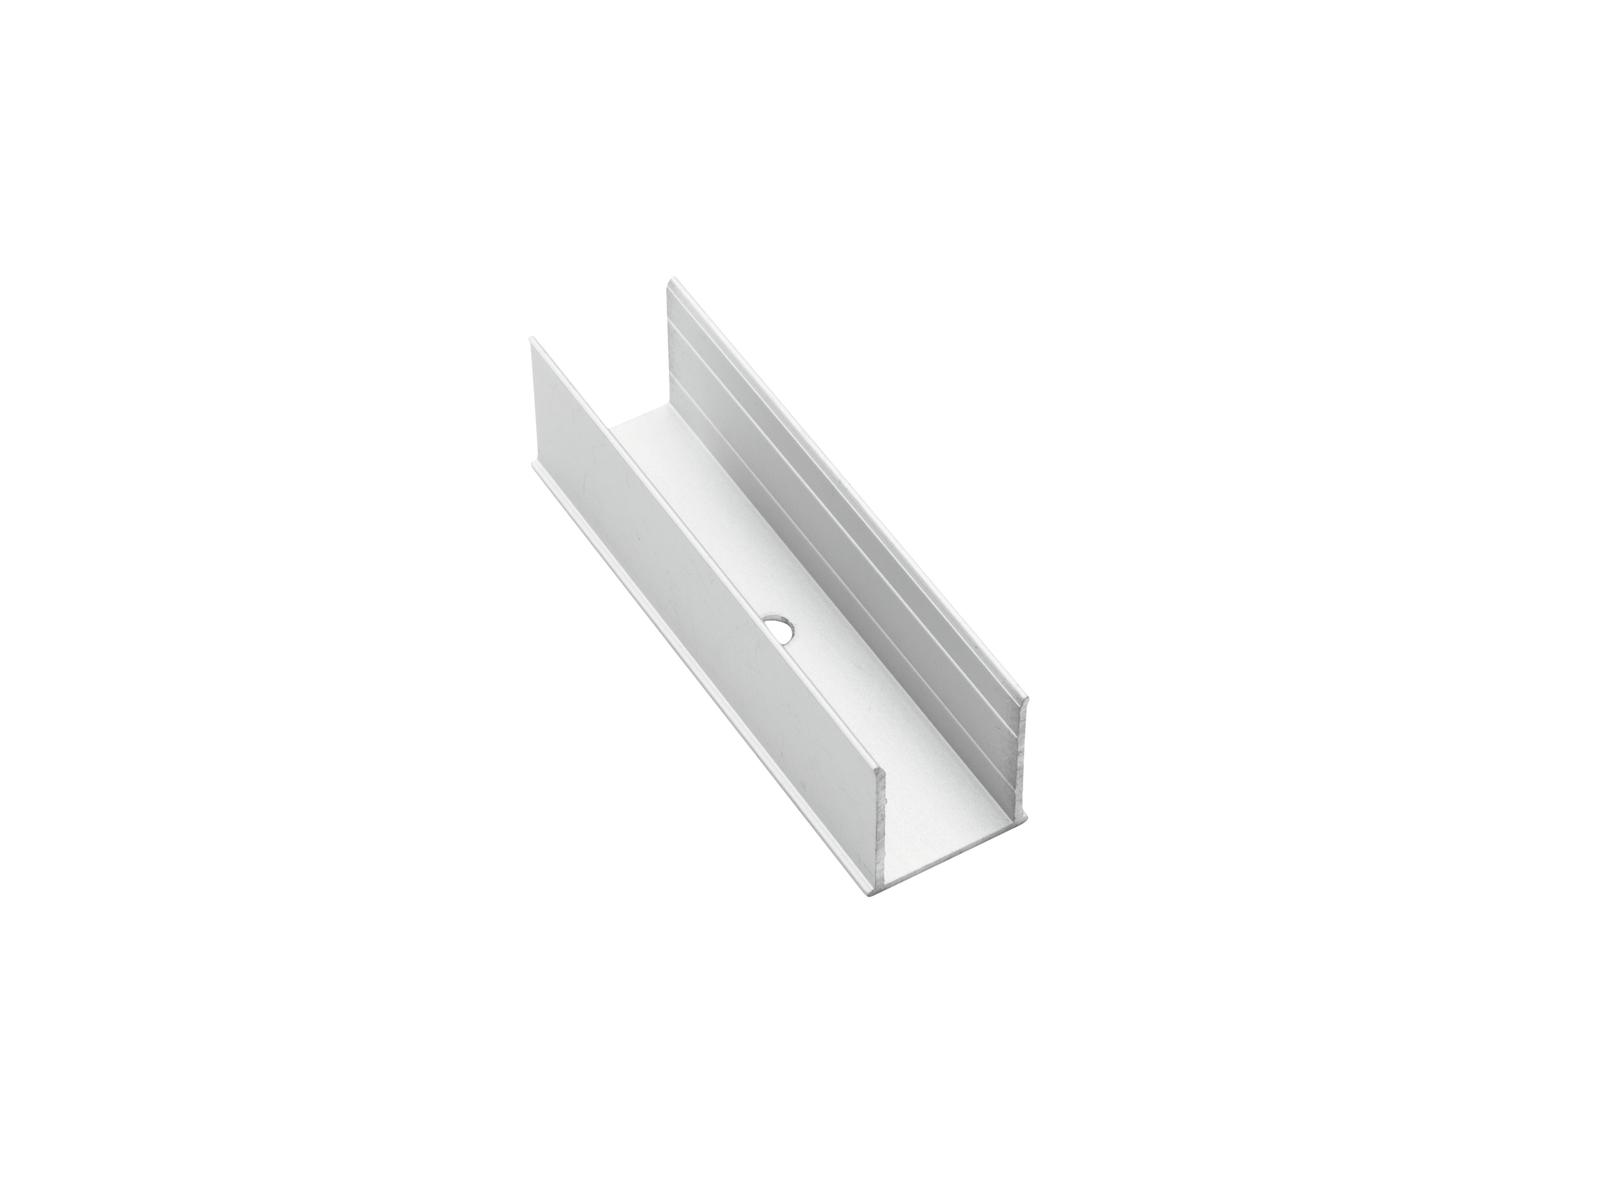 EUROLITE LED Neon Flex 230V Alluminio Esile Canale 5 cm